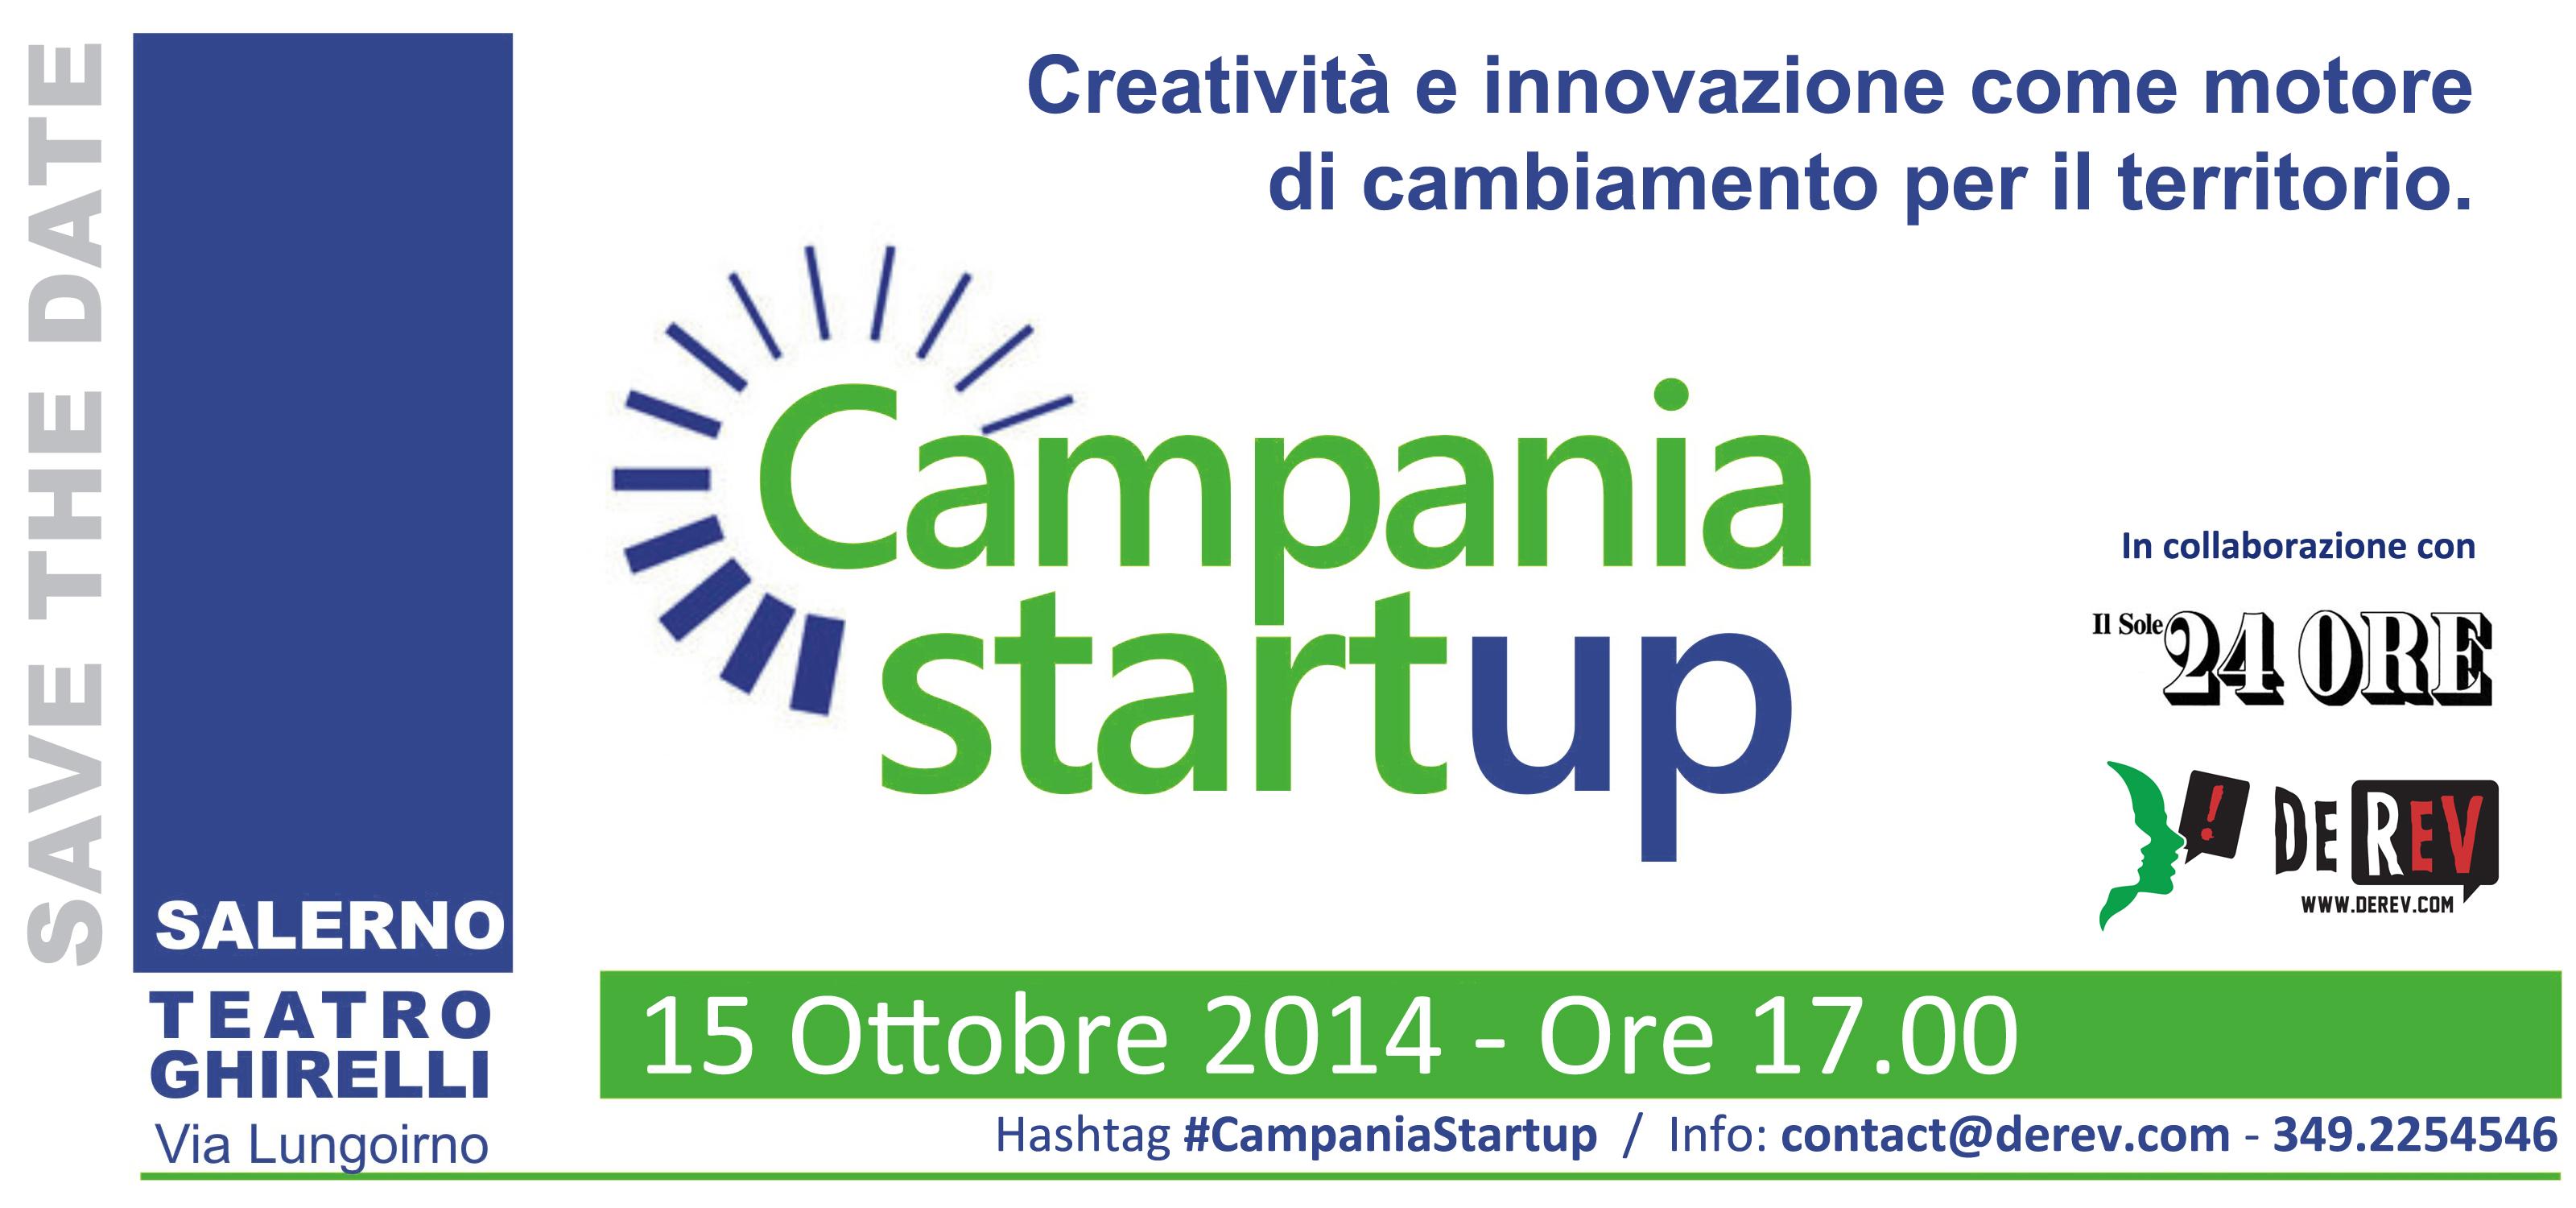 CampaniaStartup